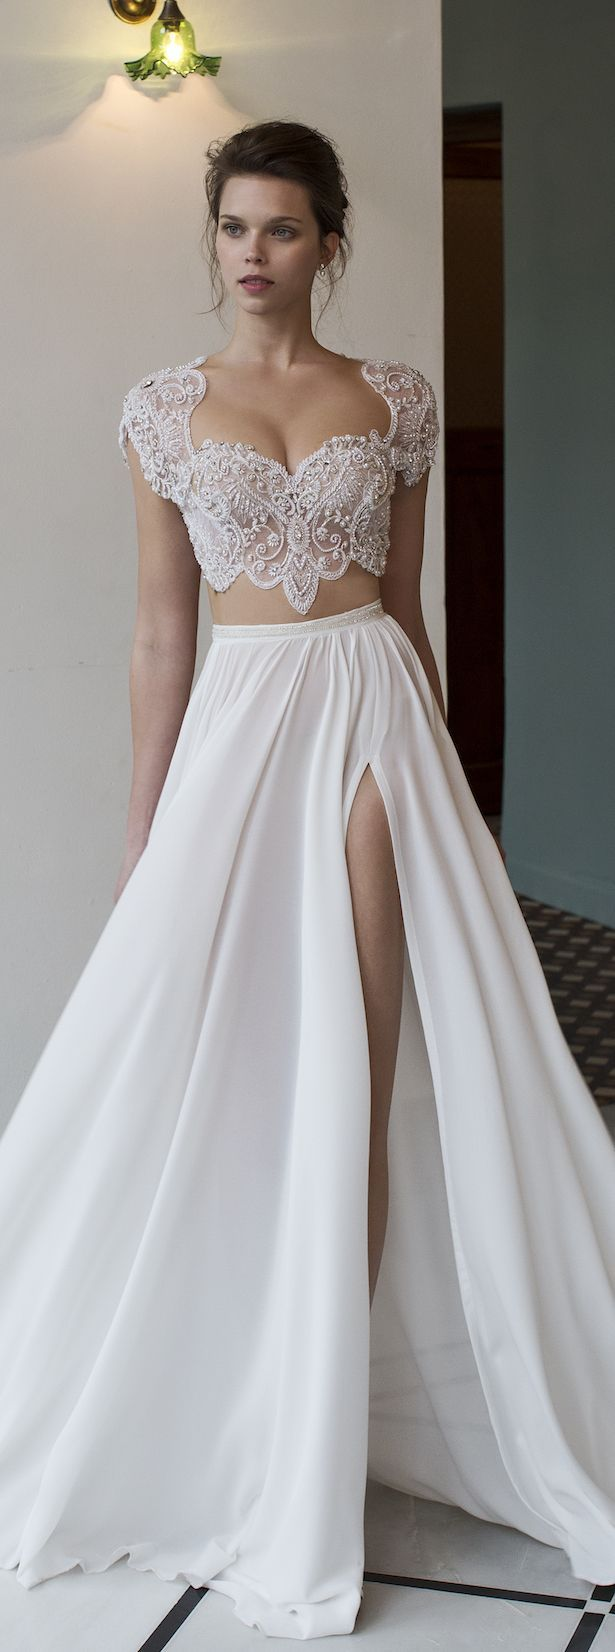 Vestidos de novia 2019 dos piezas